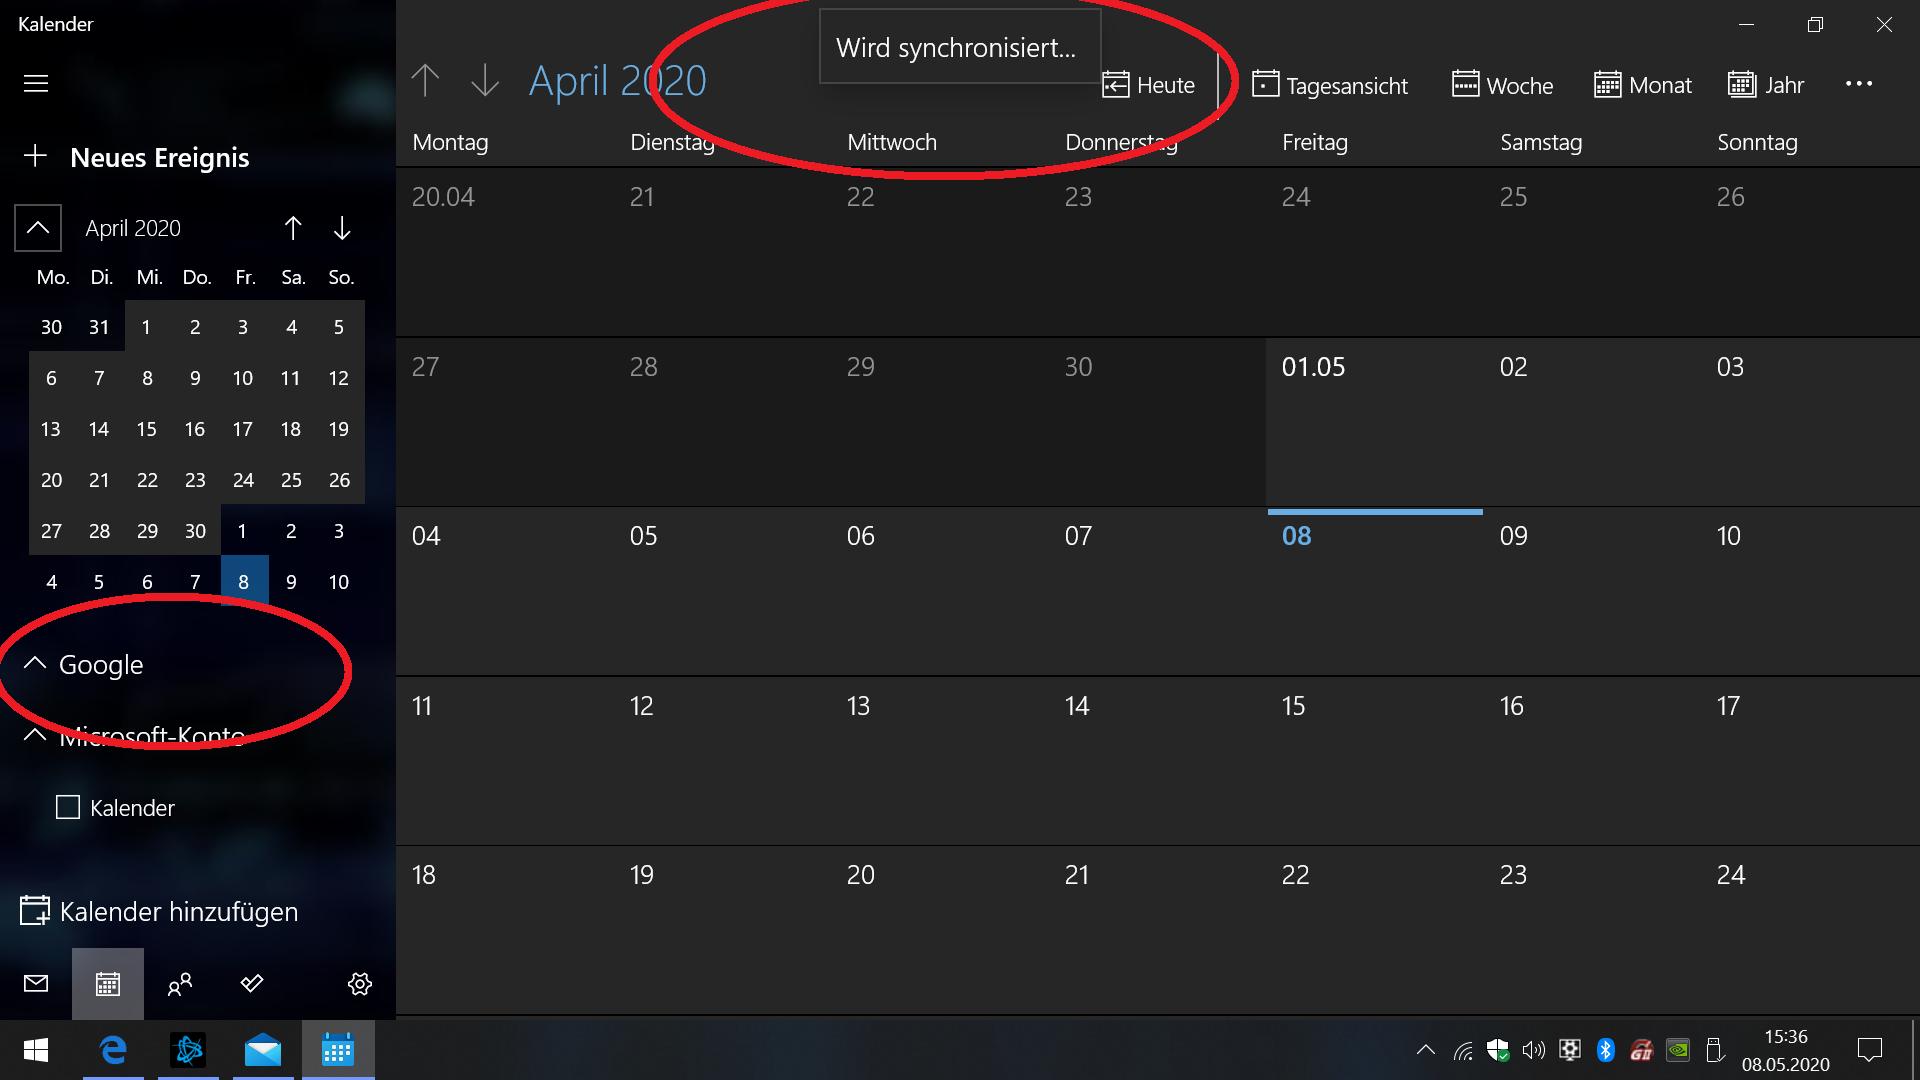 """""""Mail und Kalender"""" synchronisiert meine Google Termine & Kontakte nicht"""